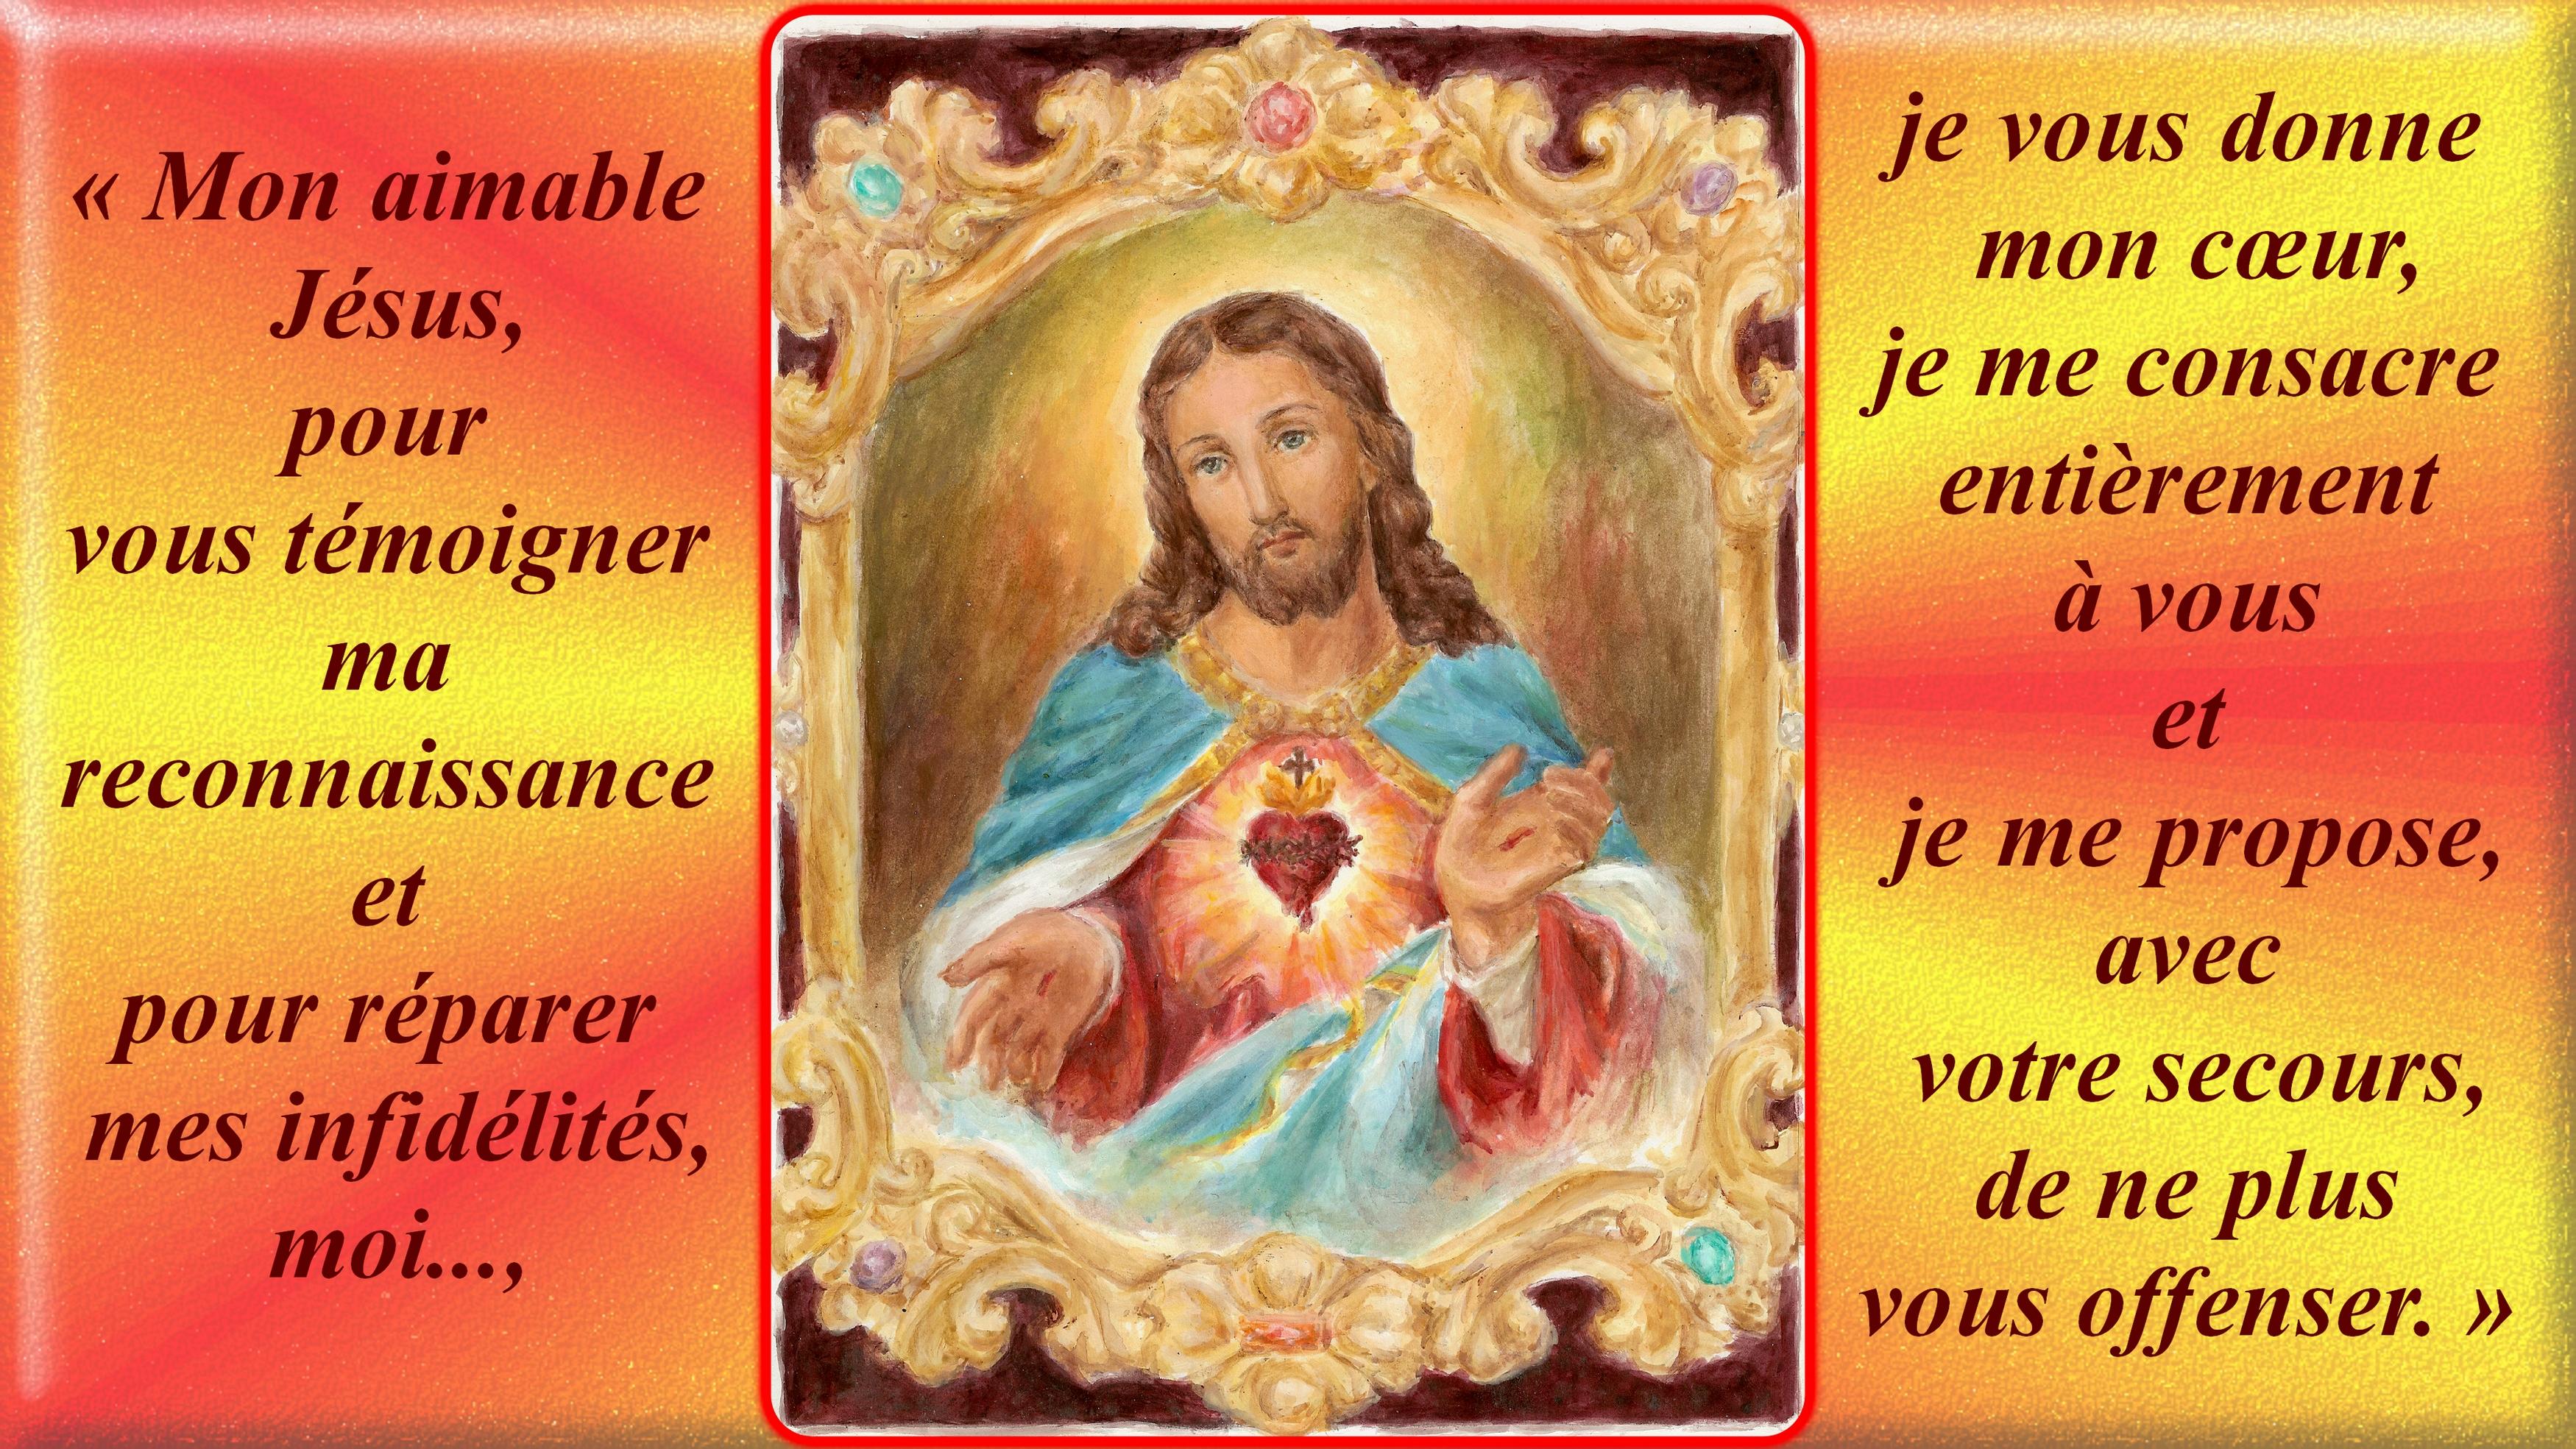 CONTRITION PARFAITE & COMMUNION SPIRITUELLE Cons-cration-au-sacr--coeur-555f31b